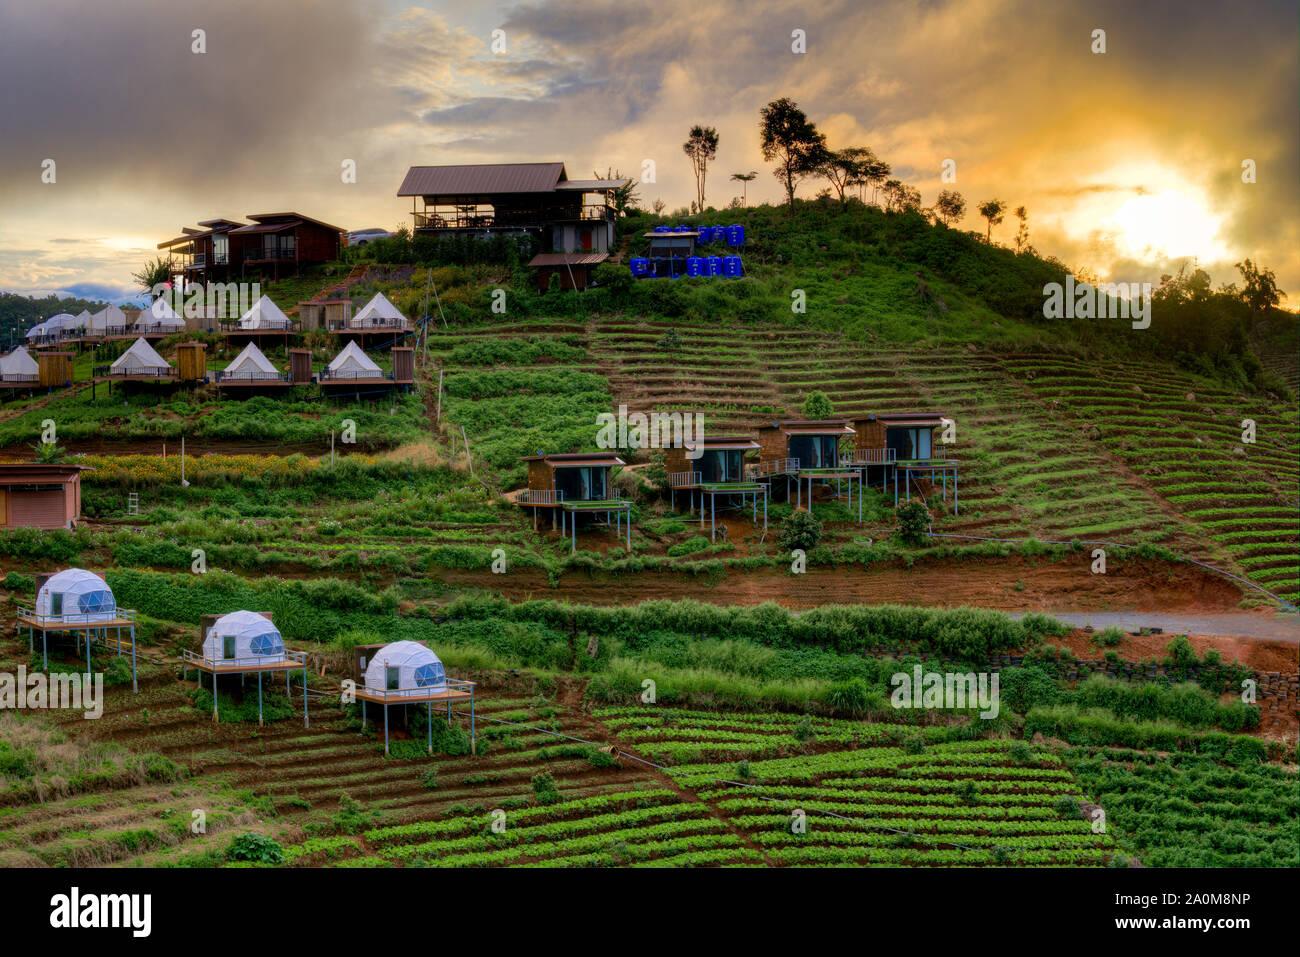 Molti tipi di popolare questo tipo di sistemazione disponibile in Mong marmellata, Chiang Mai, posizionata tra le terrazze di montagna a sunrise. Foto Stock